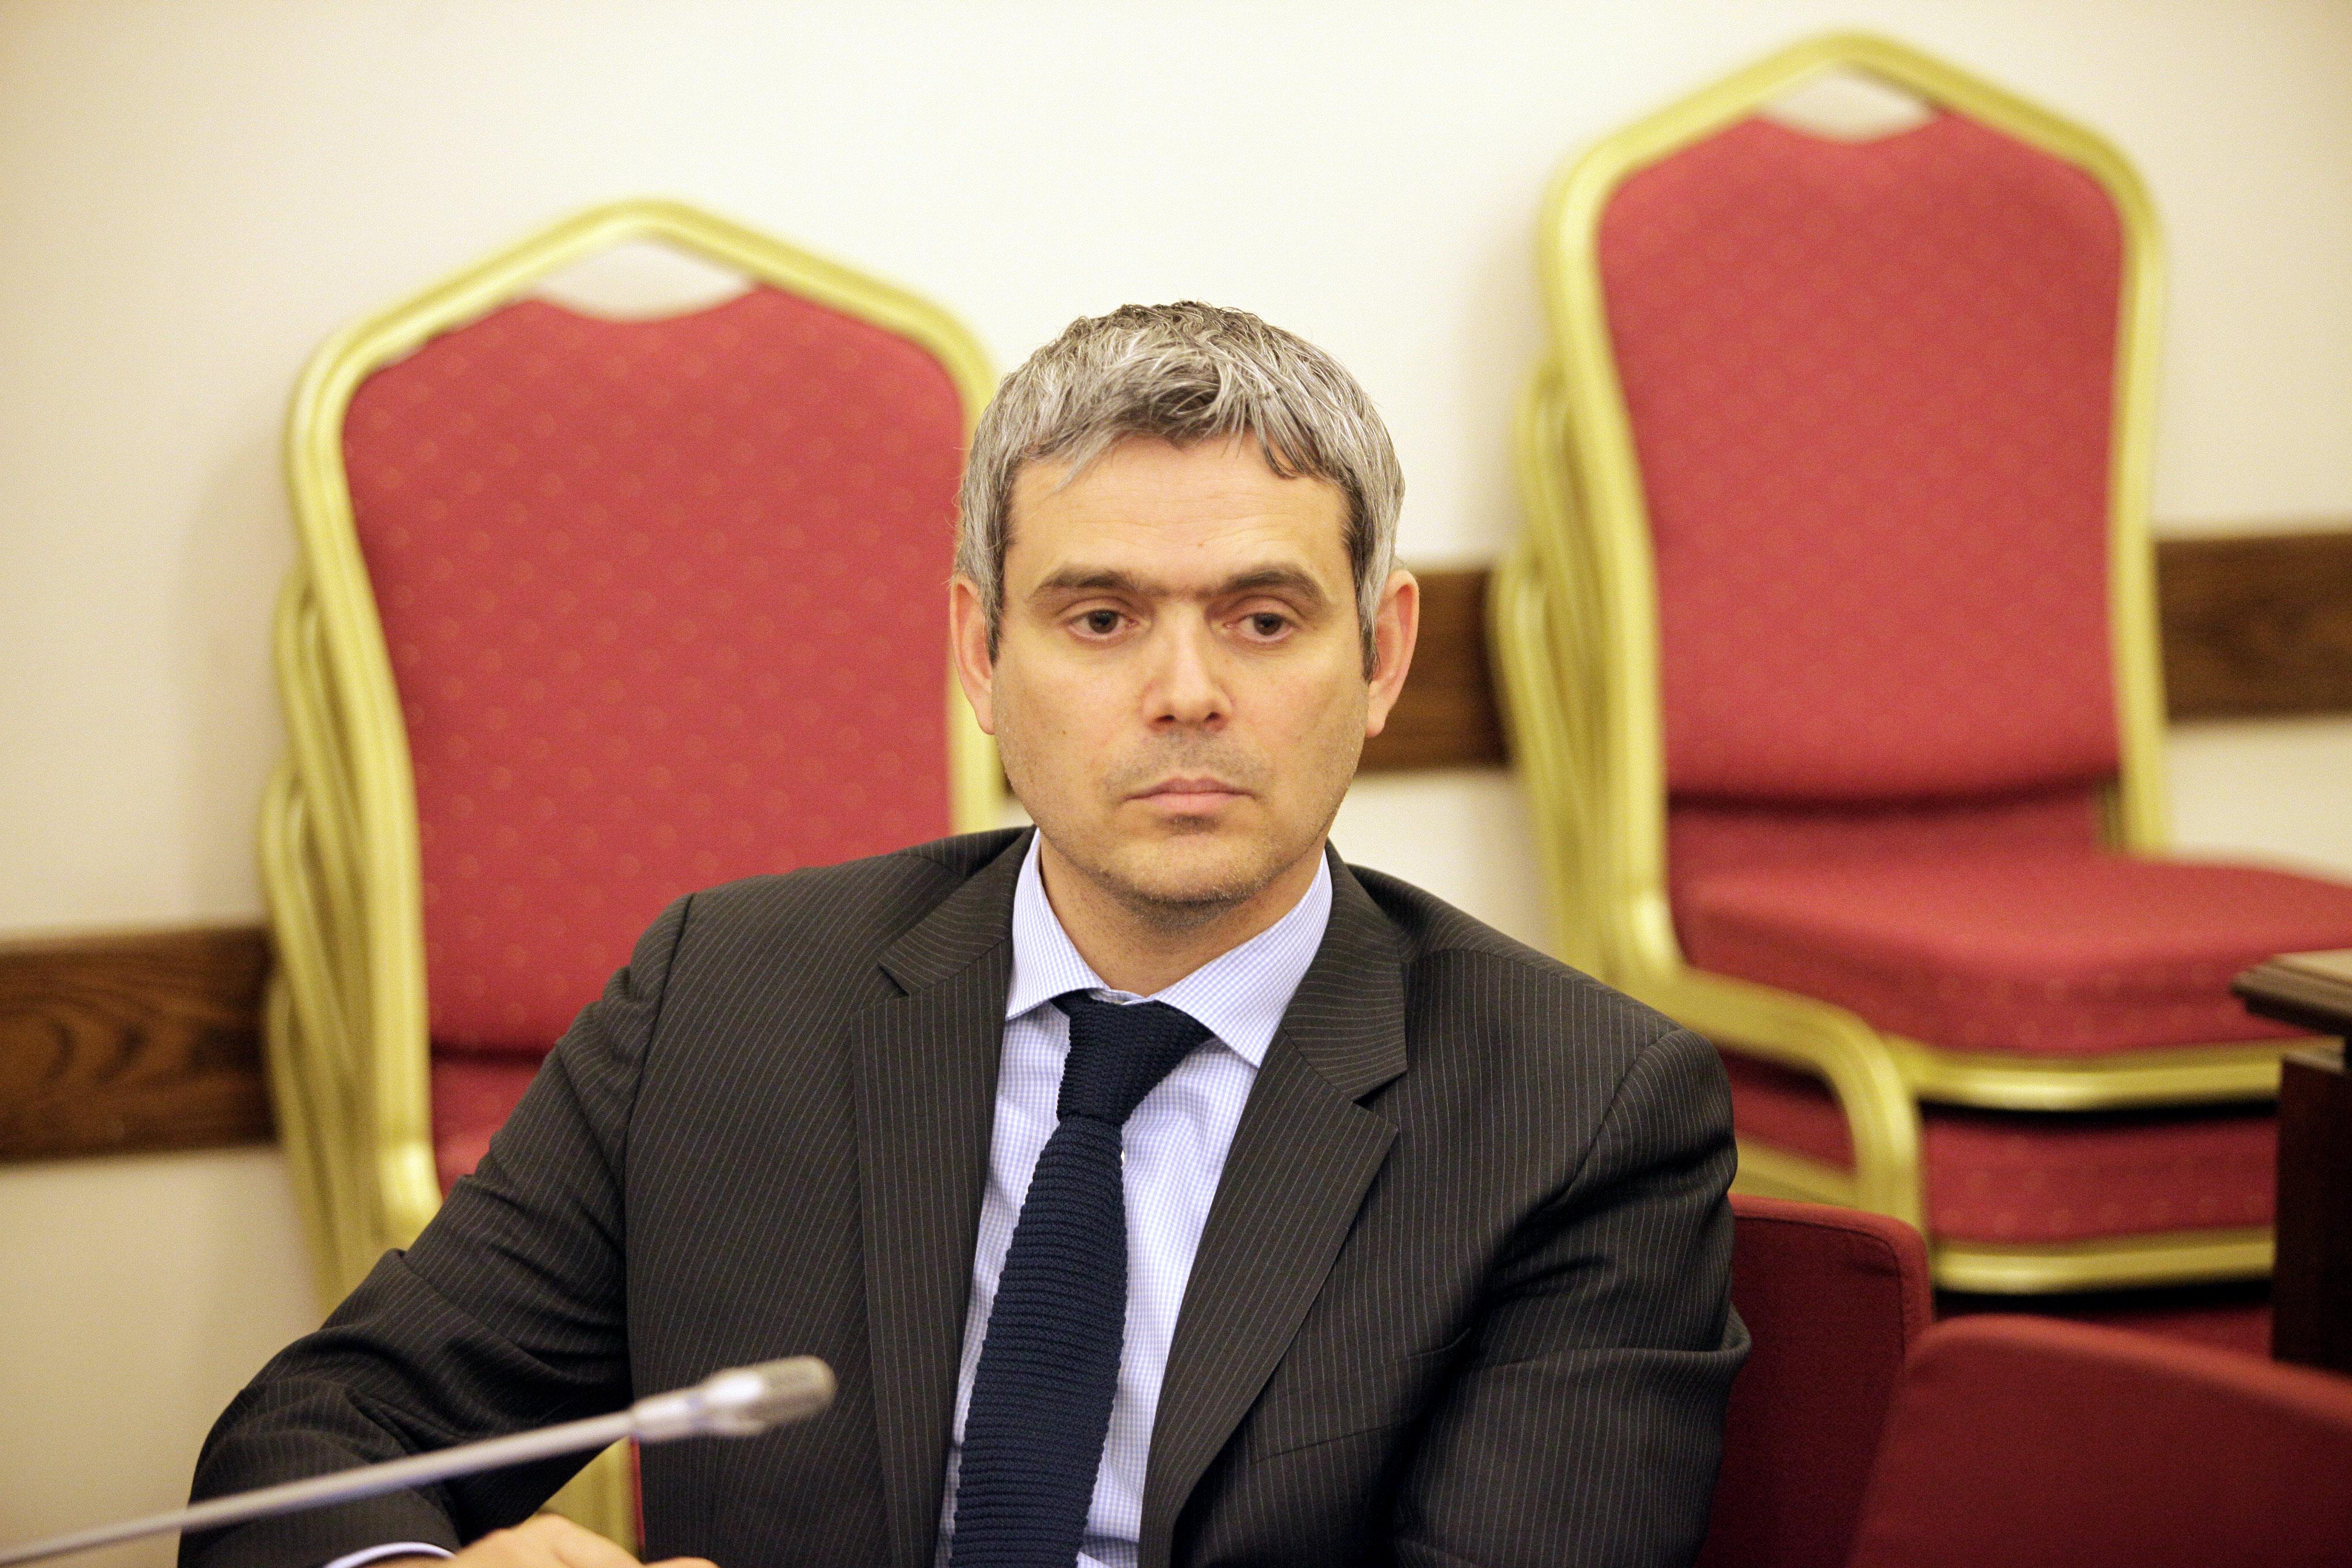 ΝΔ: Η κυβέρνηση παρουσιάζει ως συμφωνία τις δικές της θέσεις   tovima.gr